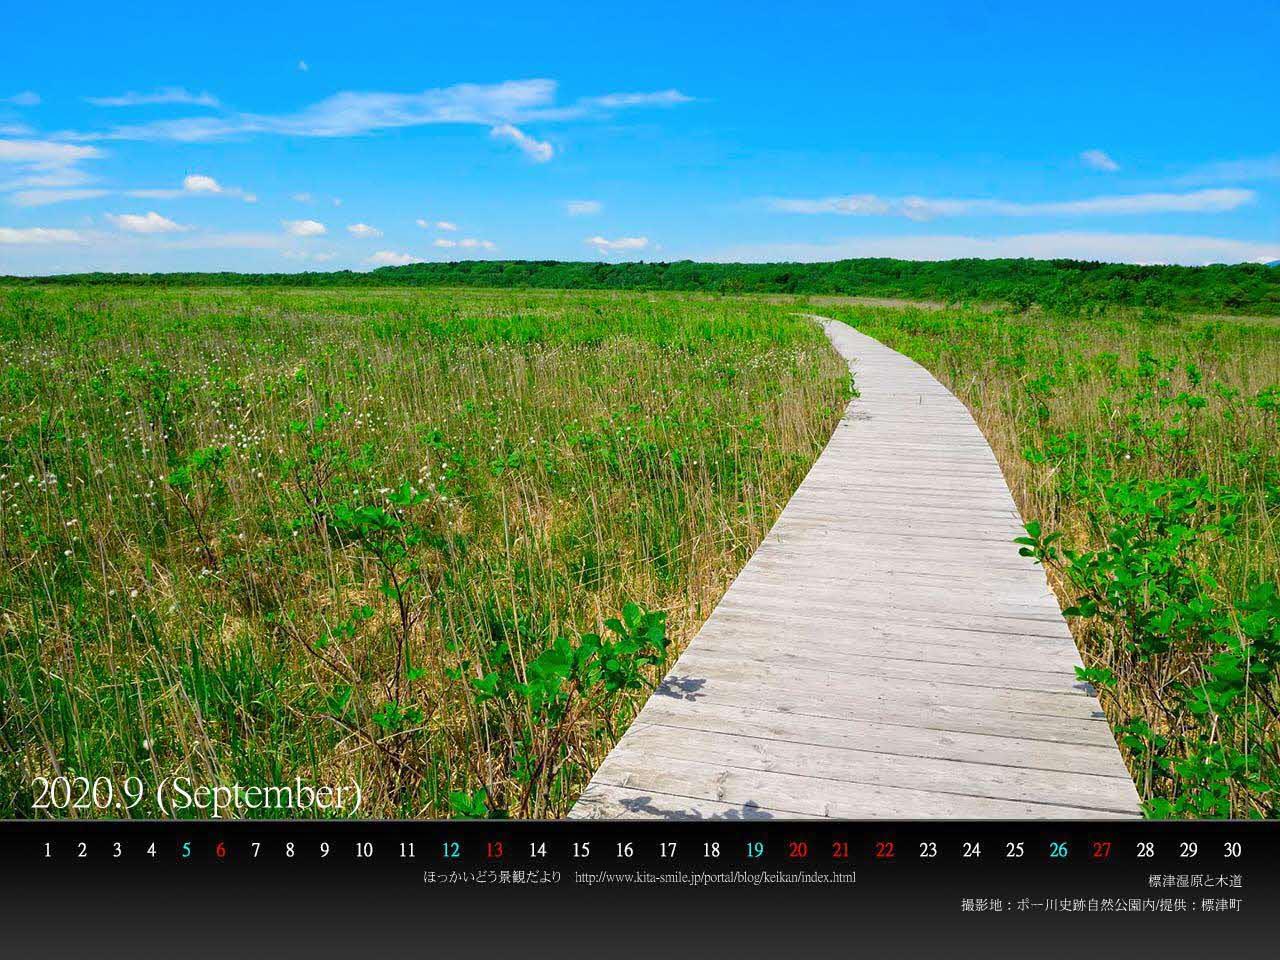 9月は標津町の 標津湿原と木道 です pc壁紙カレンダーを配布しています 北海道庁のブログ 超 旬ほっかいどう 楽天ブログ